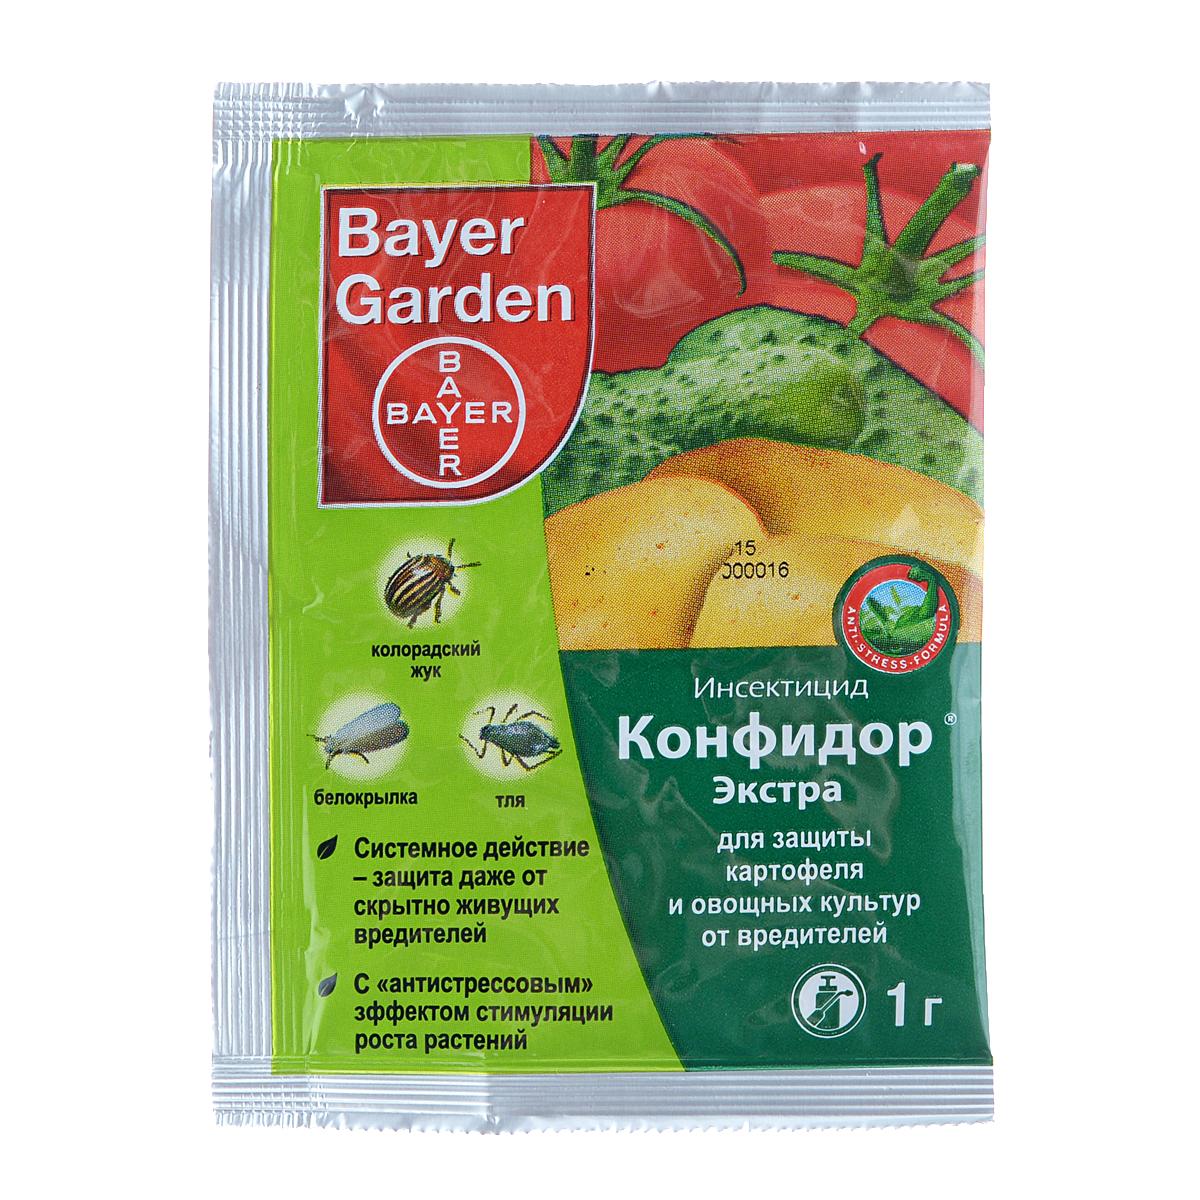 Инсектицид Bayer Garden Конфидор Экстра, для защиты картофеля и овощных культур от вредителей, 1 г инсектицид для защиты картофеля от колорадского жука и сосущих вредителей калаш 10 мл